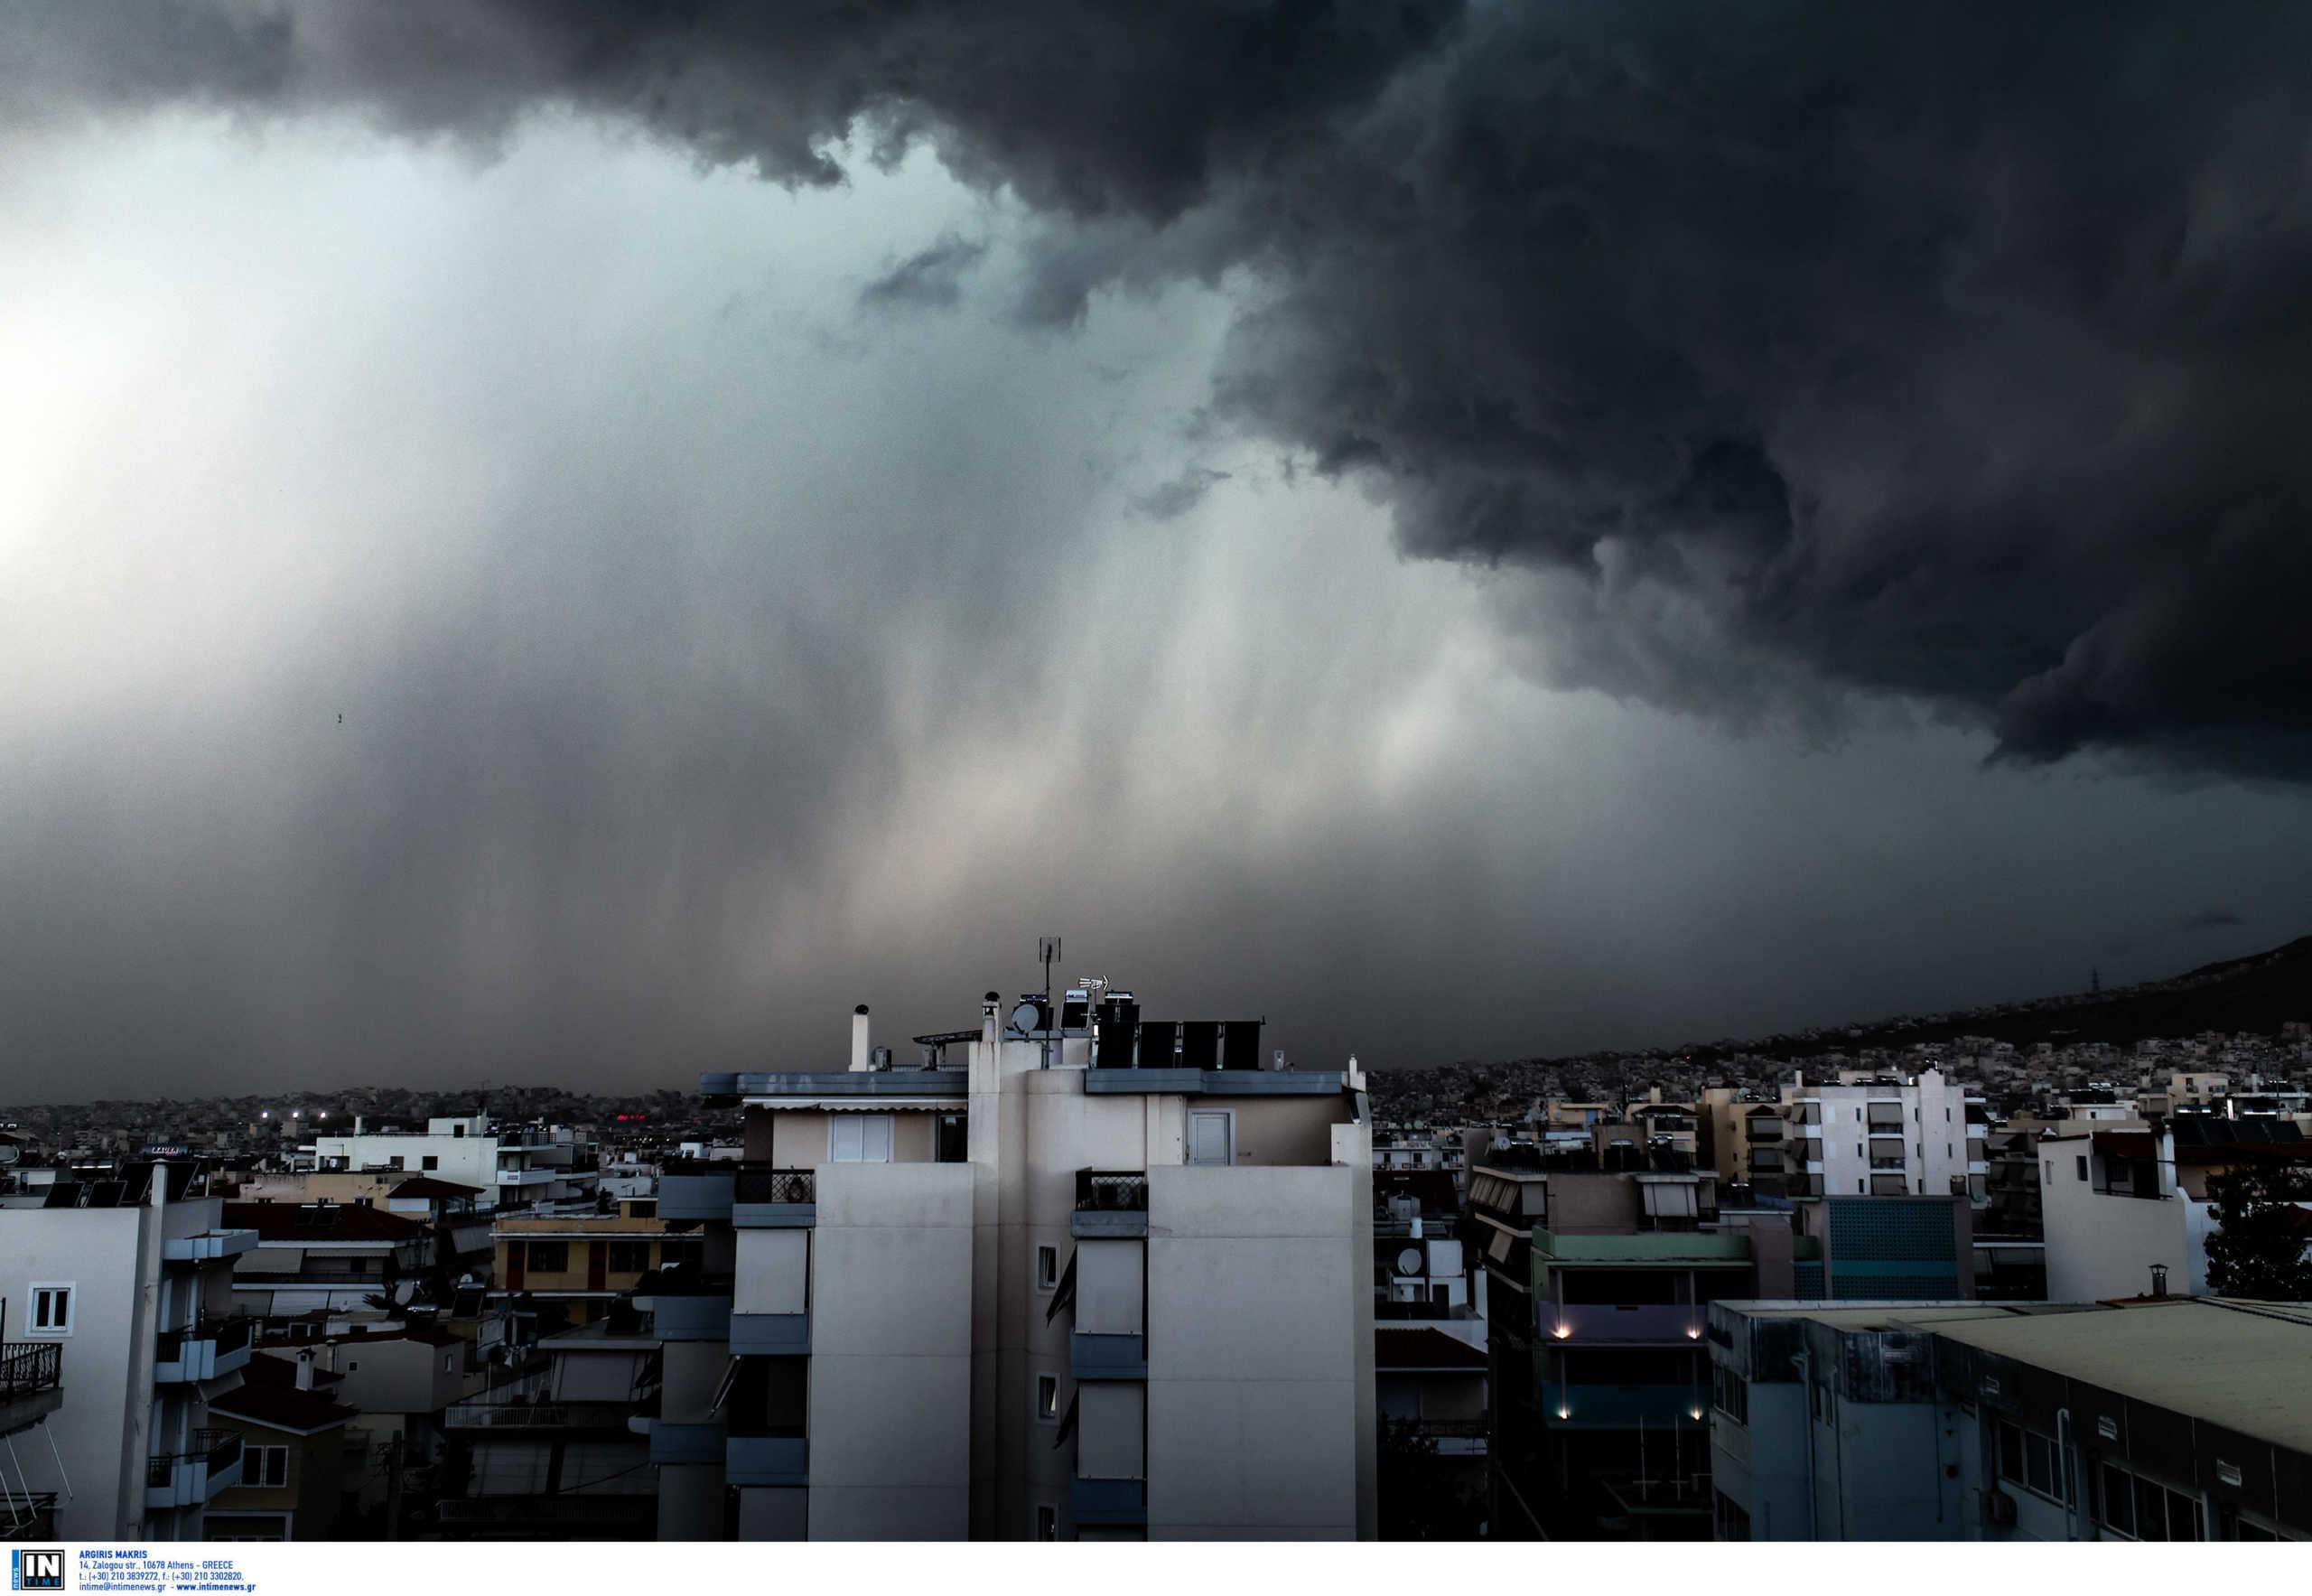 Έκτακτο δελτίο από την ΕΜΥ – Έρχεται κακοκαιρία εξπρές, πότε θα «χτυπήσει» την Αττική